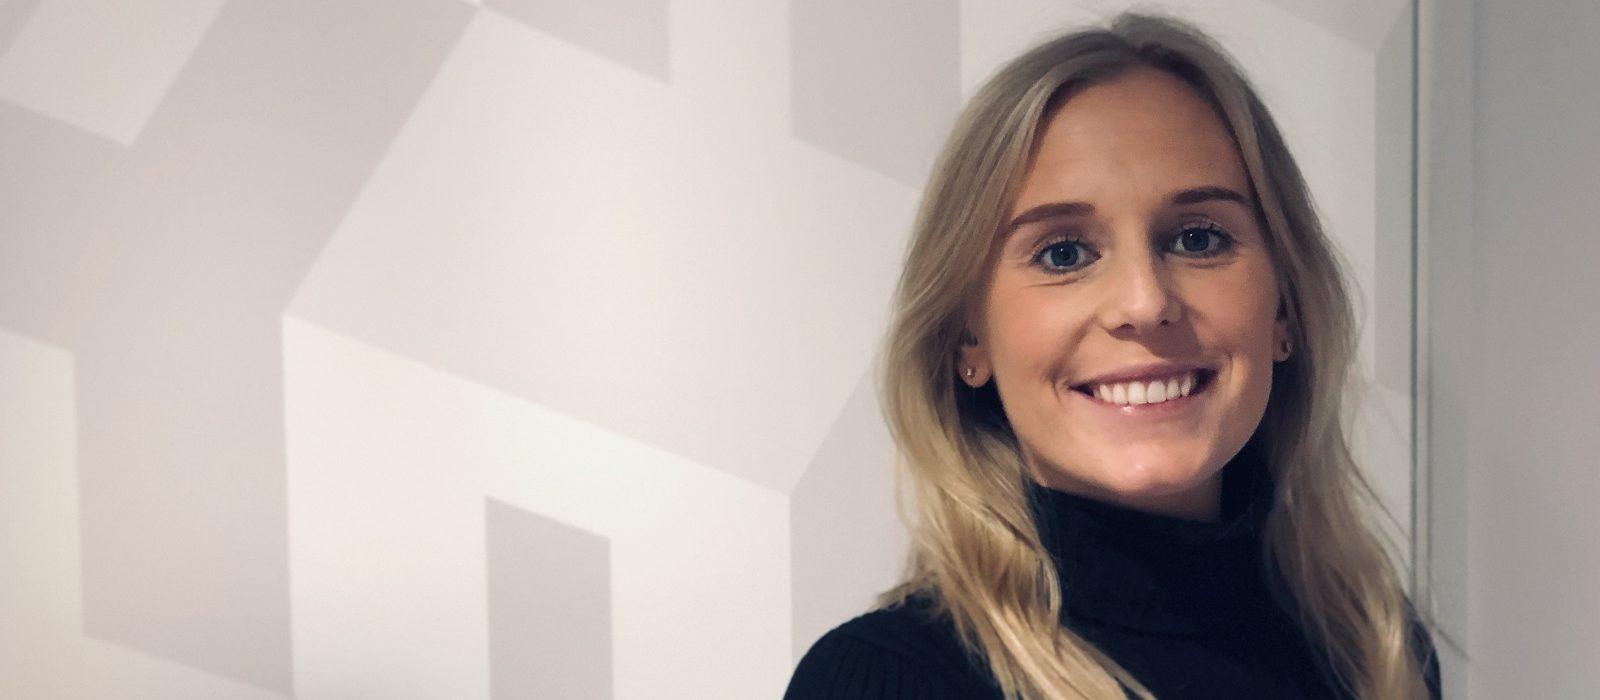 Møt Heimstaden: Margrethe på back office